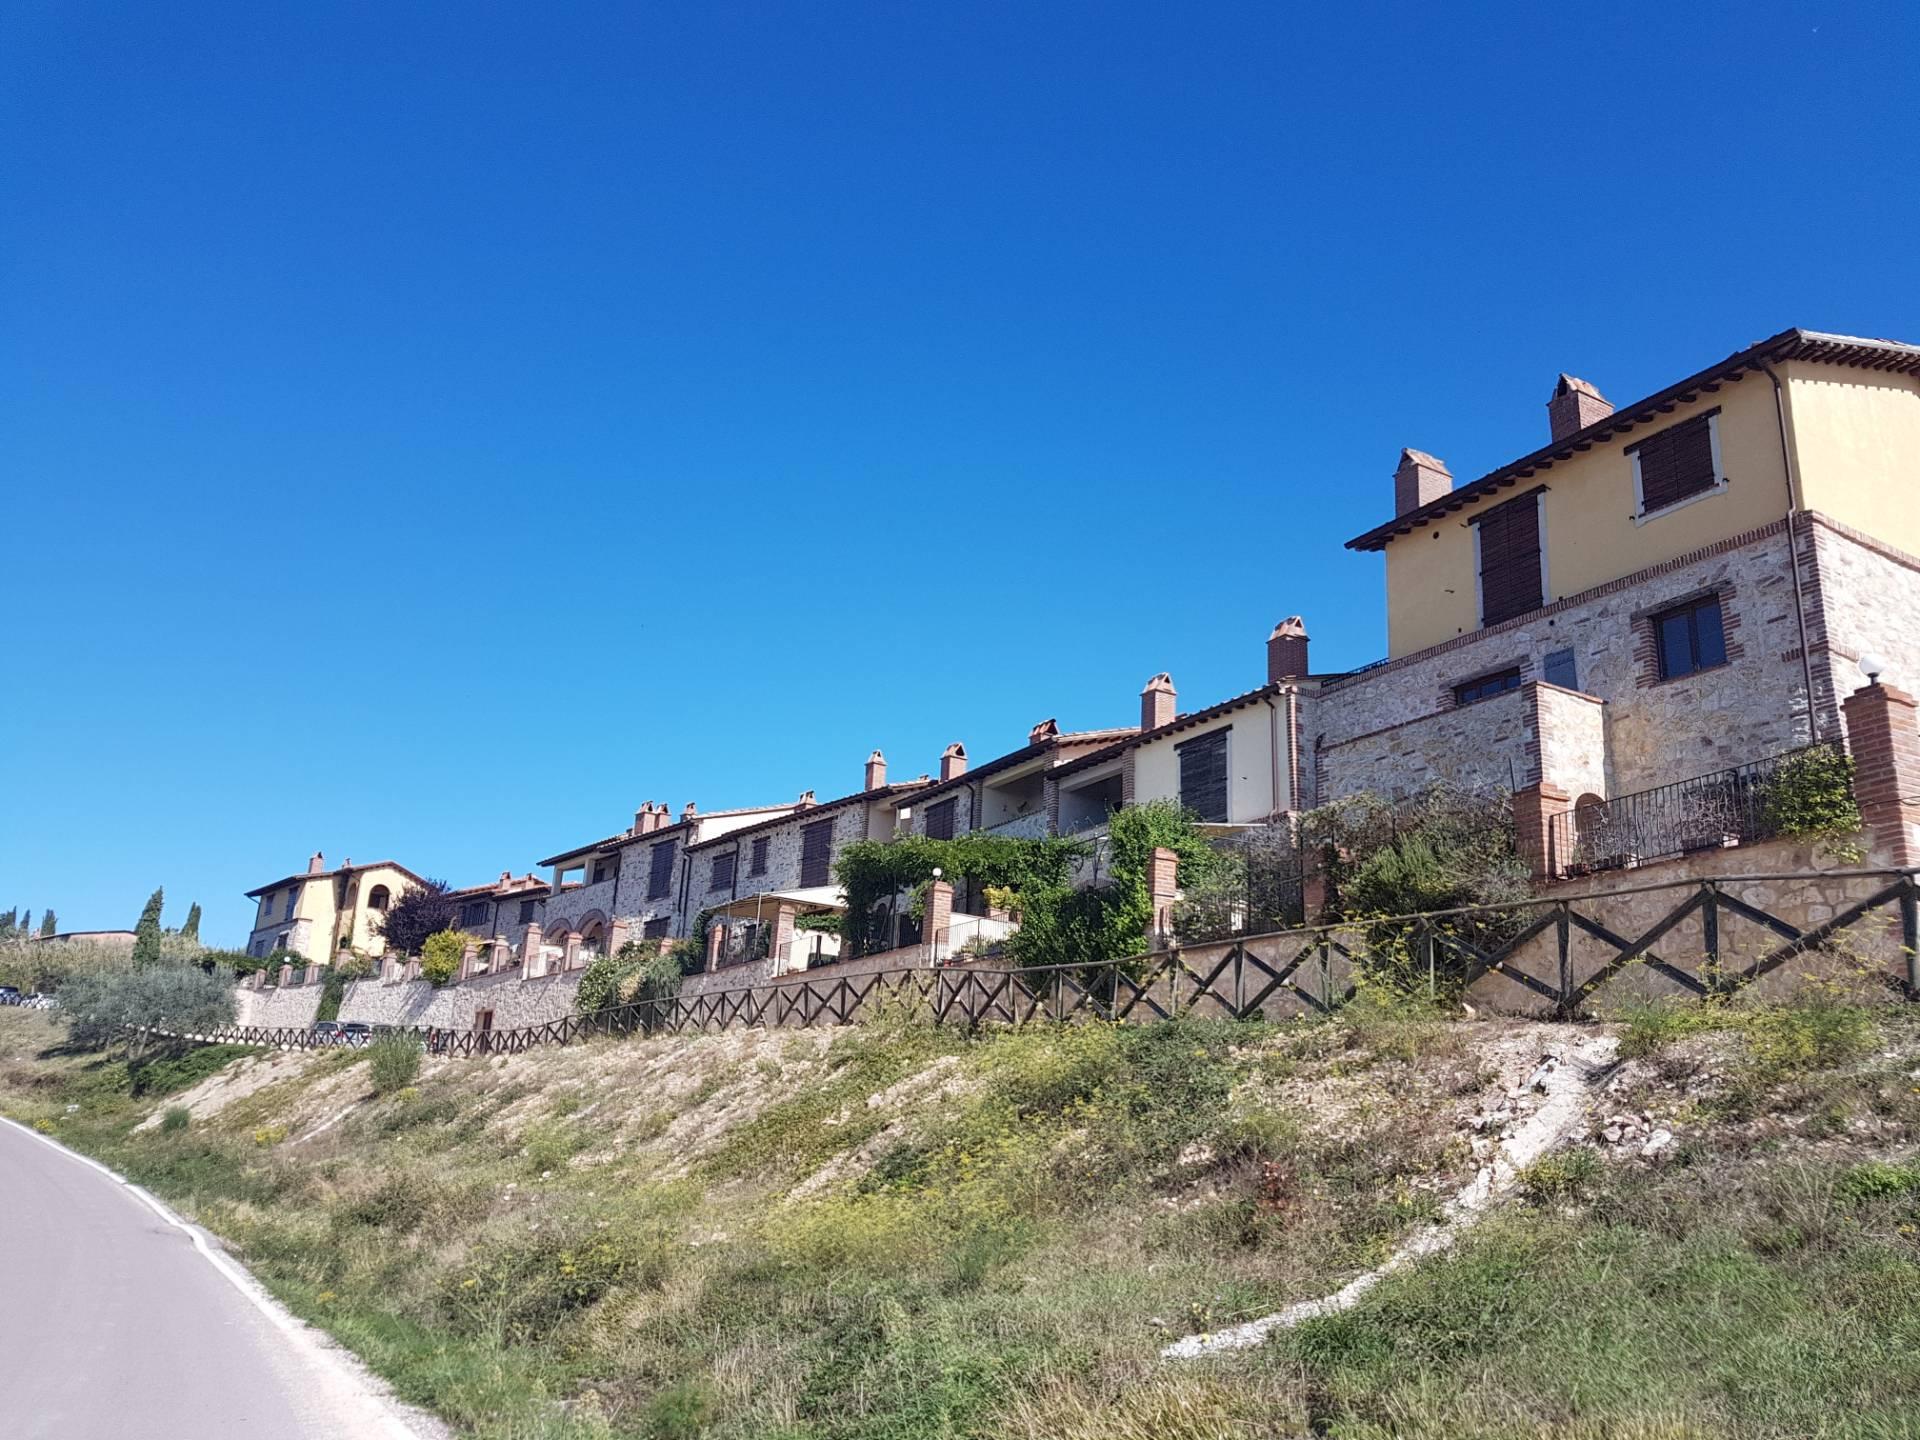 Appartamento in vendita a Collazzone, 5 locali, prezzo € 148.000 | CambioCasa.it